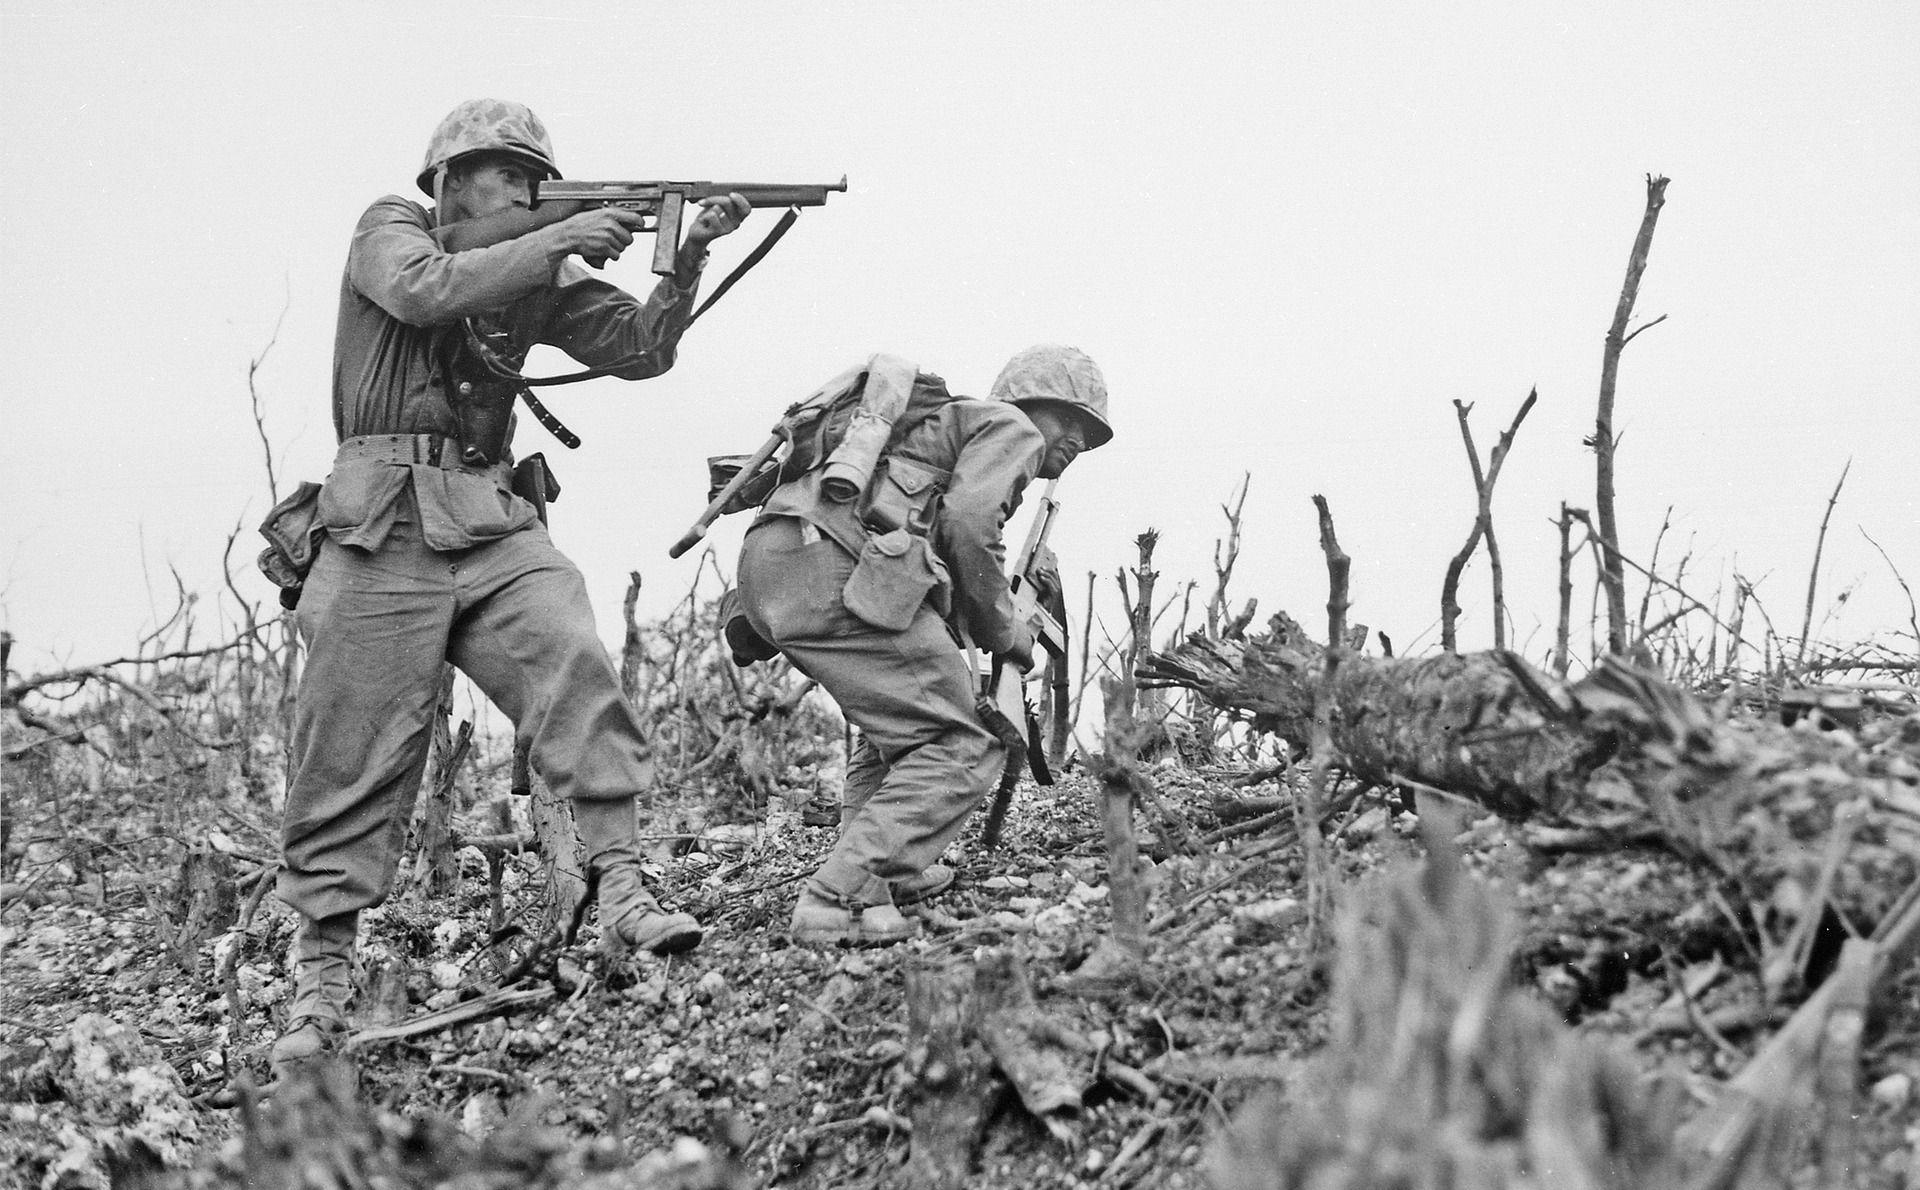 FELJTON Zadnja bitka Drugog svjetskog rata